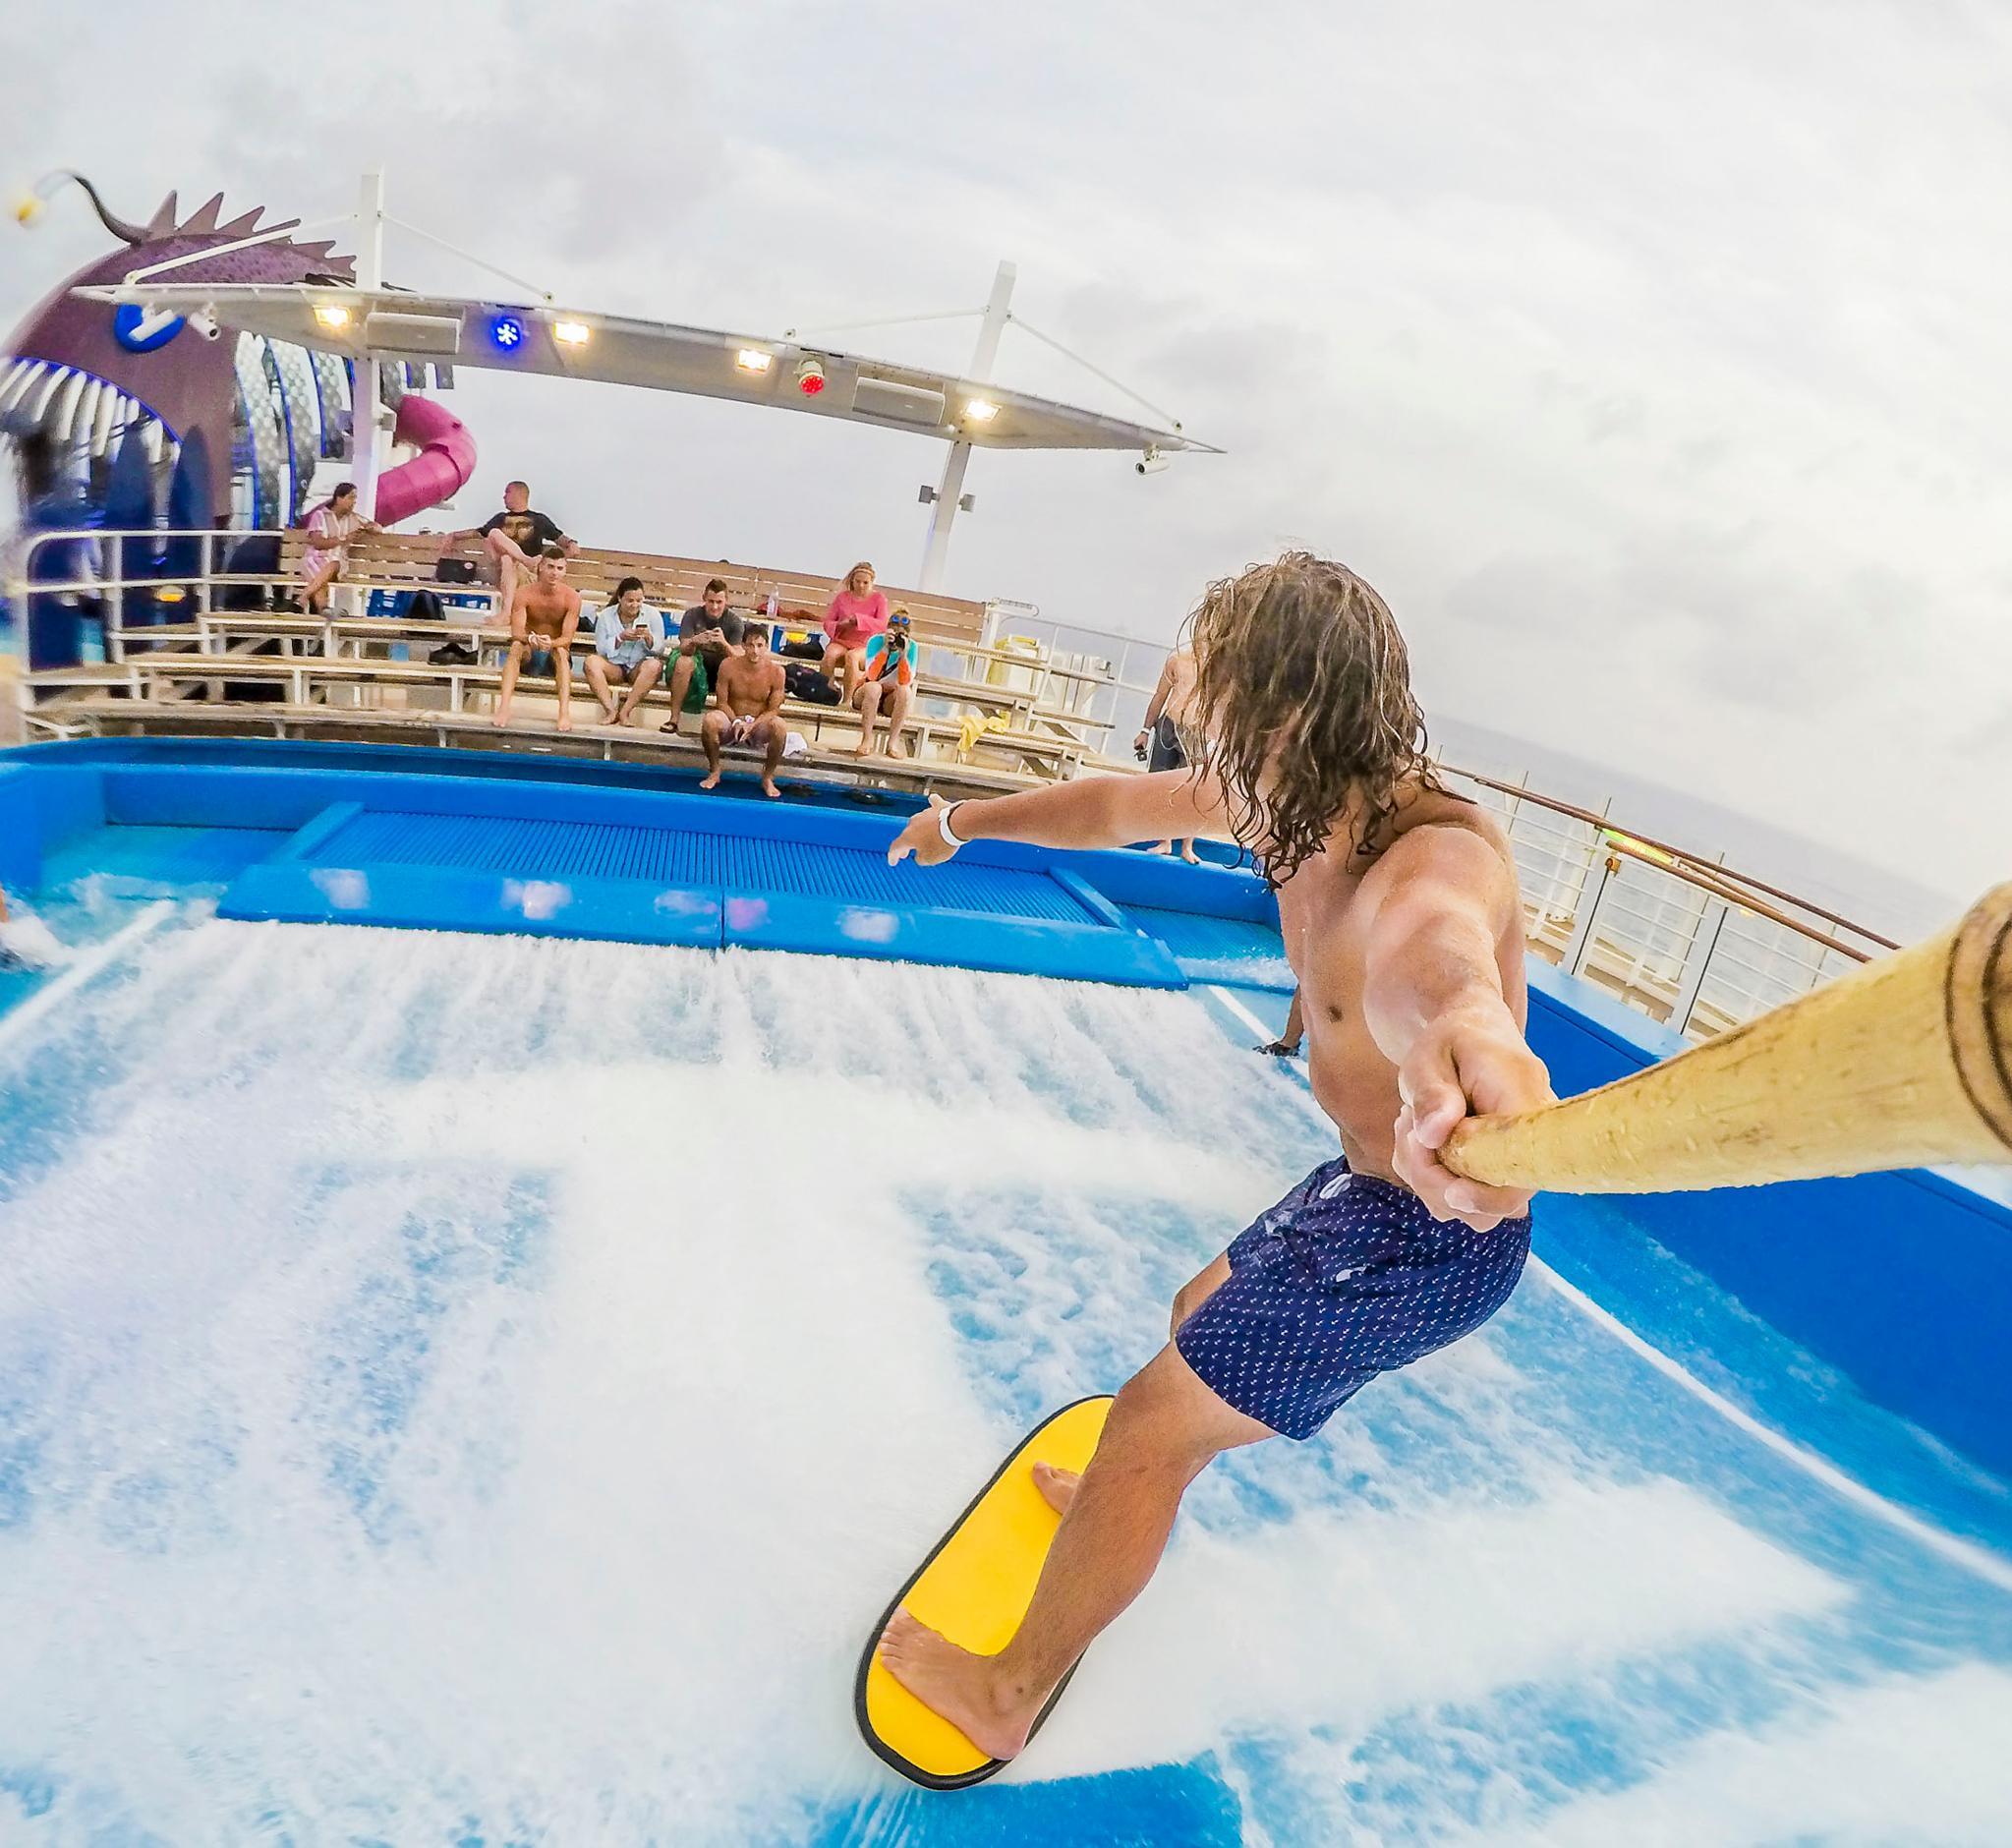 �'Ҽ��ձ����� Royal Caribbean Cruise ������ú� Harmony of the Seas ��ʯ������ٹ��ҹ�������������+�����ձȺ�15���������� 2018��7��23�ձ������� �����ܵǴ� ���߱��:7718072311